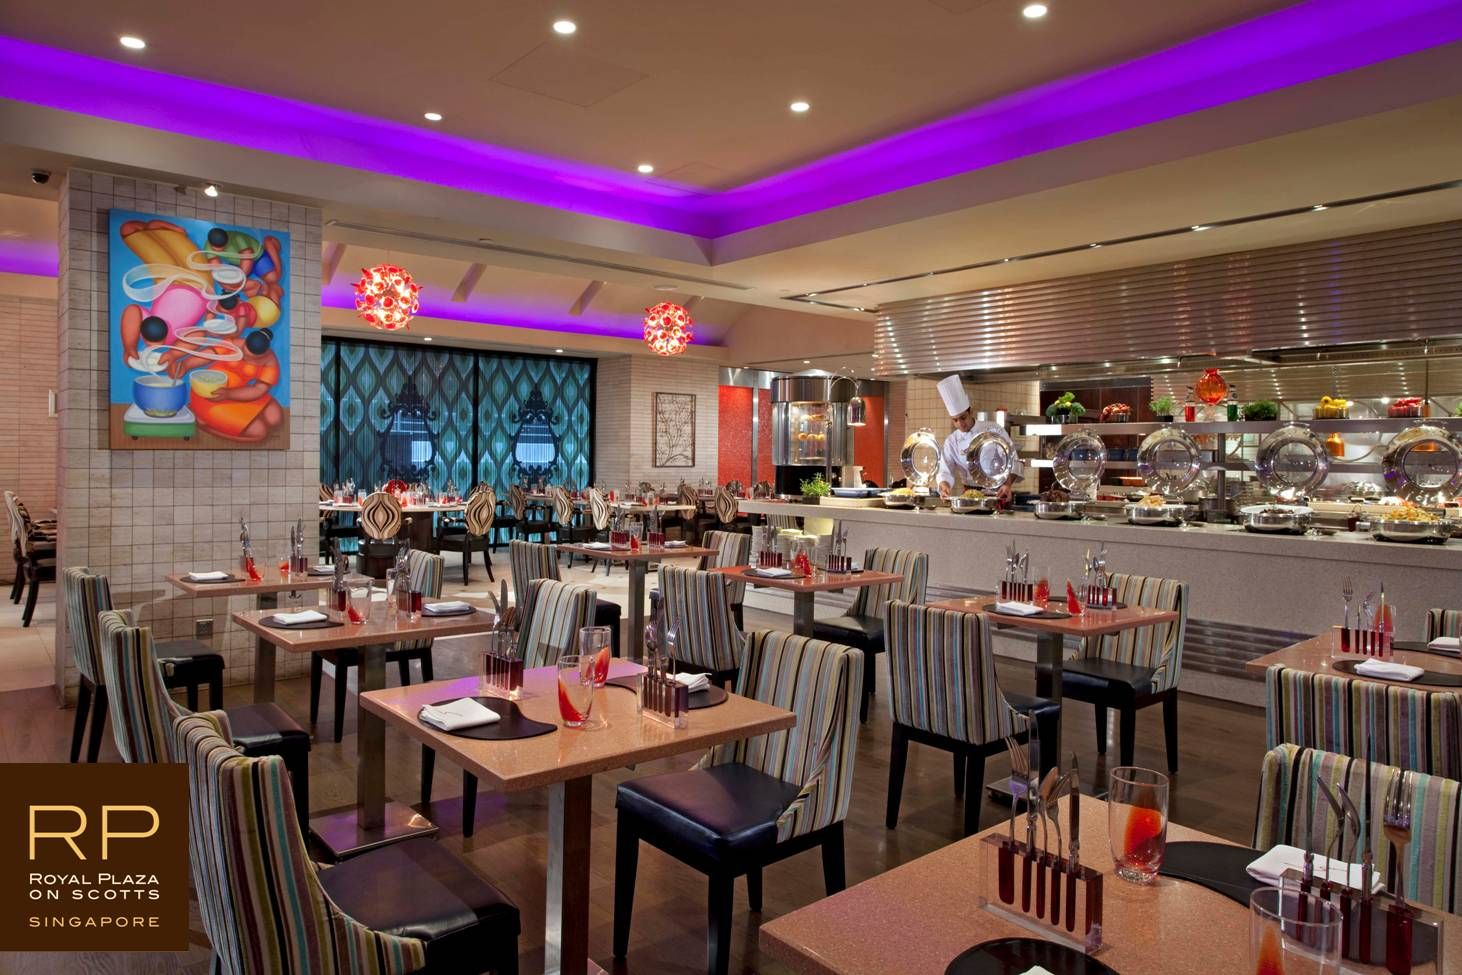 Royal Plaza On Scotts Singapore Hotels Orchard Road Royal Plaza Singapore Hotels Hotel